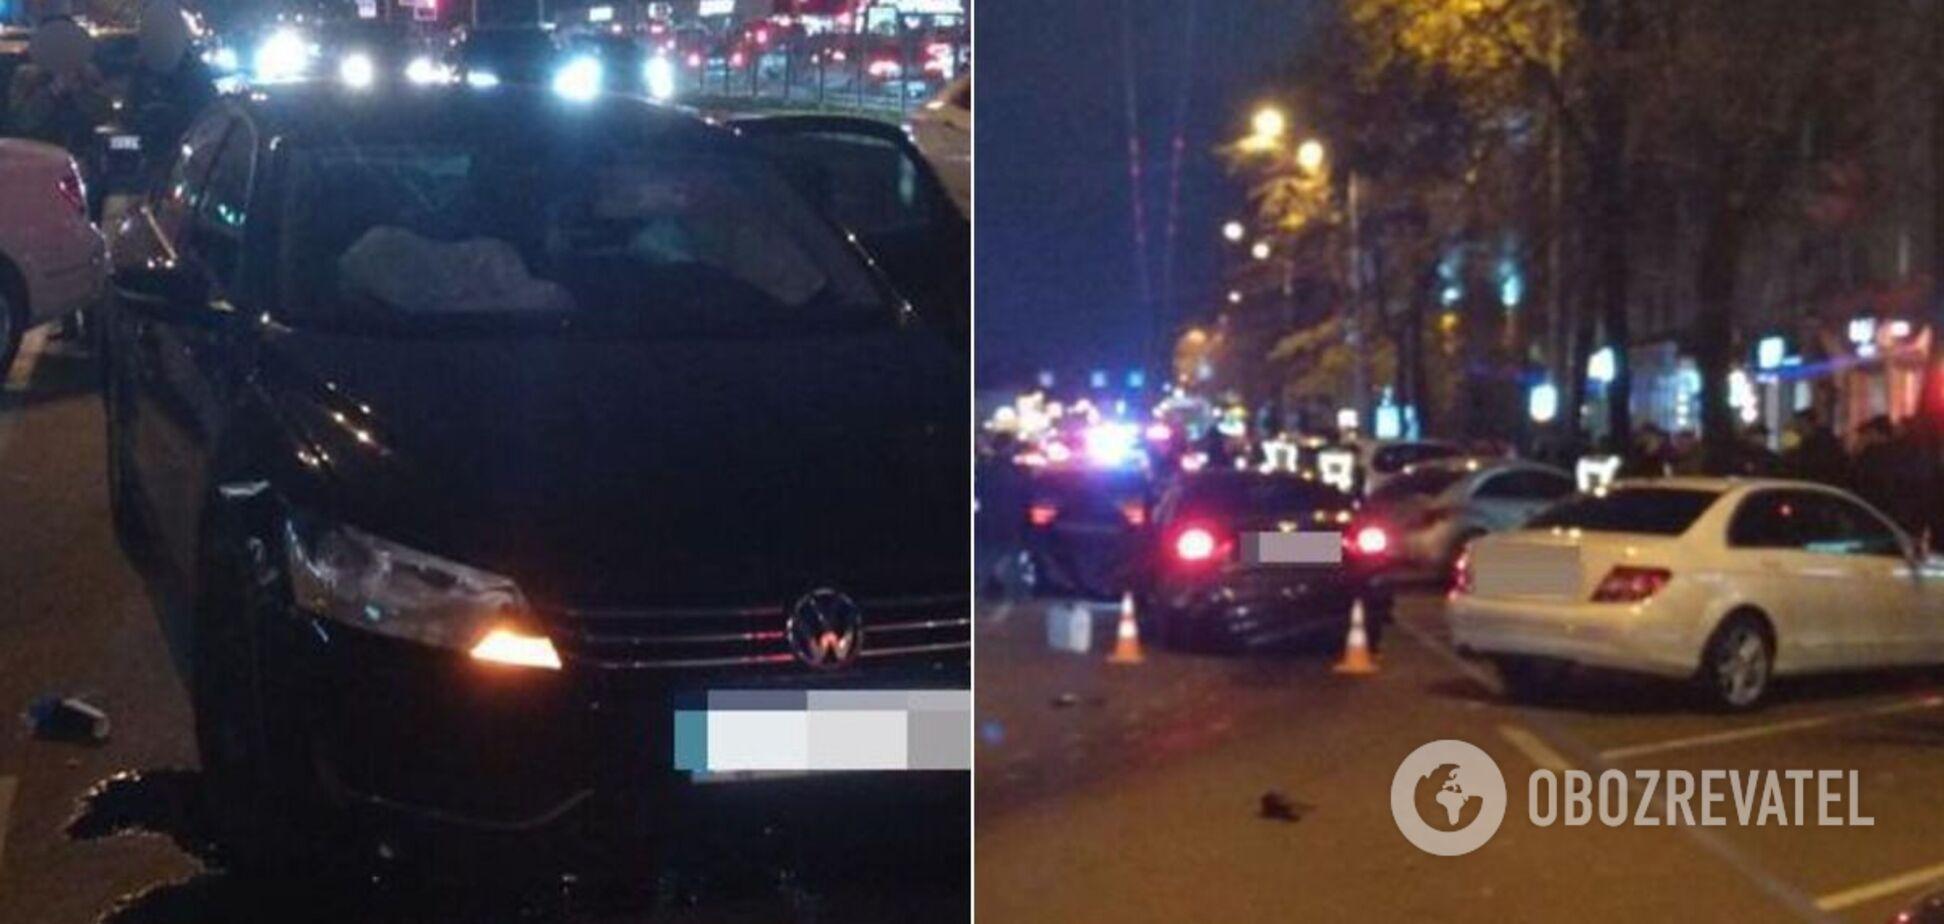 Водій був неадекватний: очевидці повідомили подробиці ДТП у Харкові